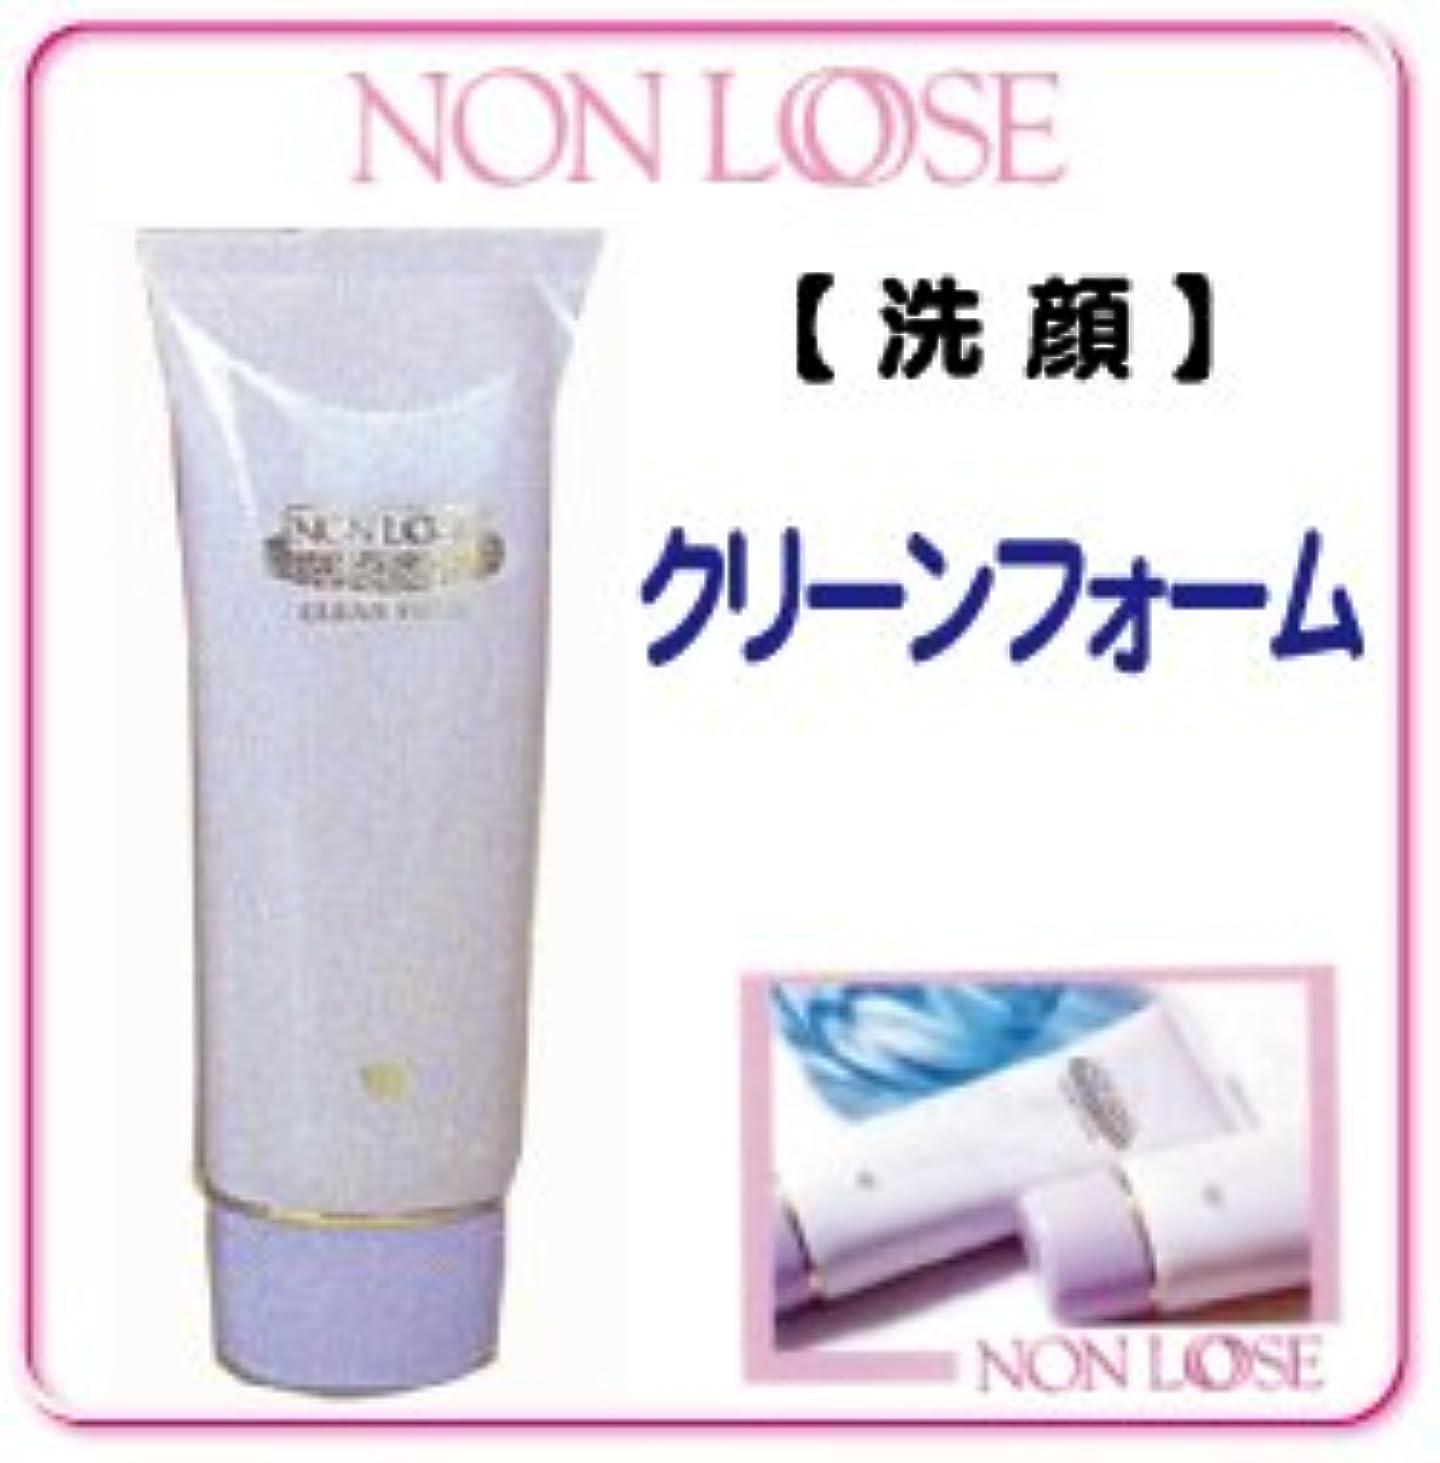 動く報いるその後ベルマン化粧品 ノンル―ス クリーンフォーム 100g 【洗顔料】